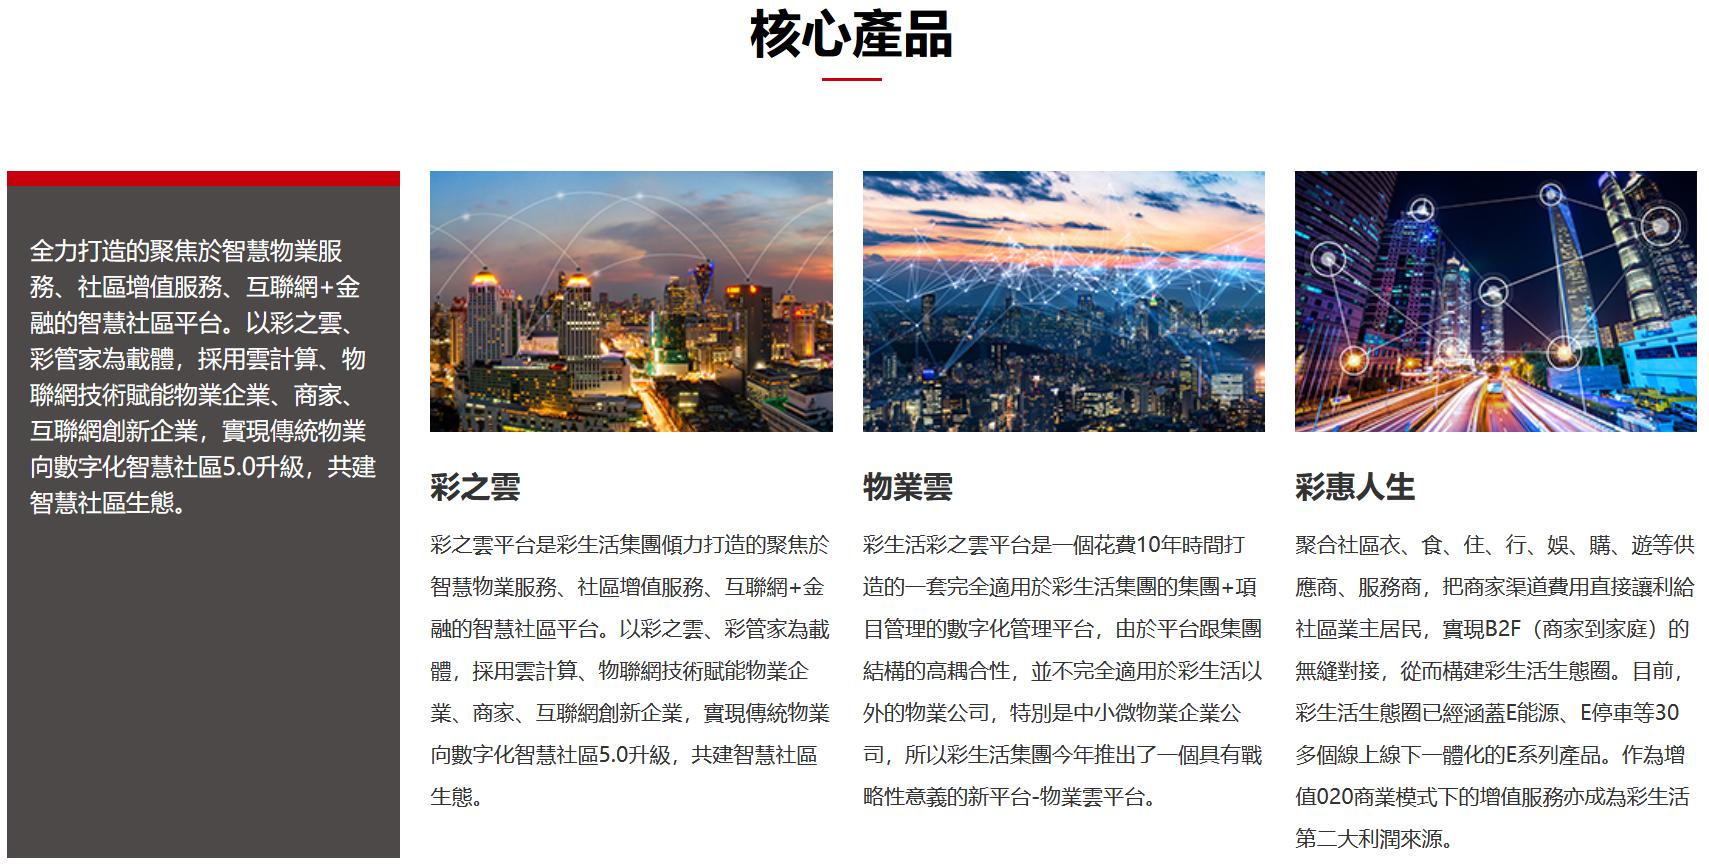 彩生活的3000天 唐学斌的20年_中国网地产